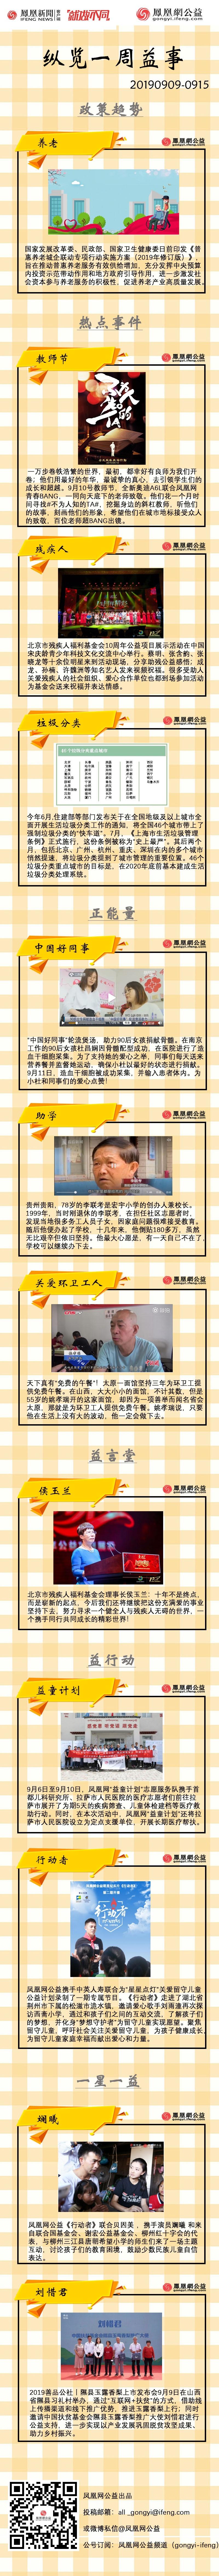 凤凰网公益|一周公益慈善热点大集锦(20190909-0915)